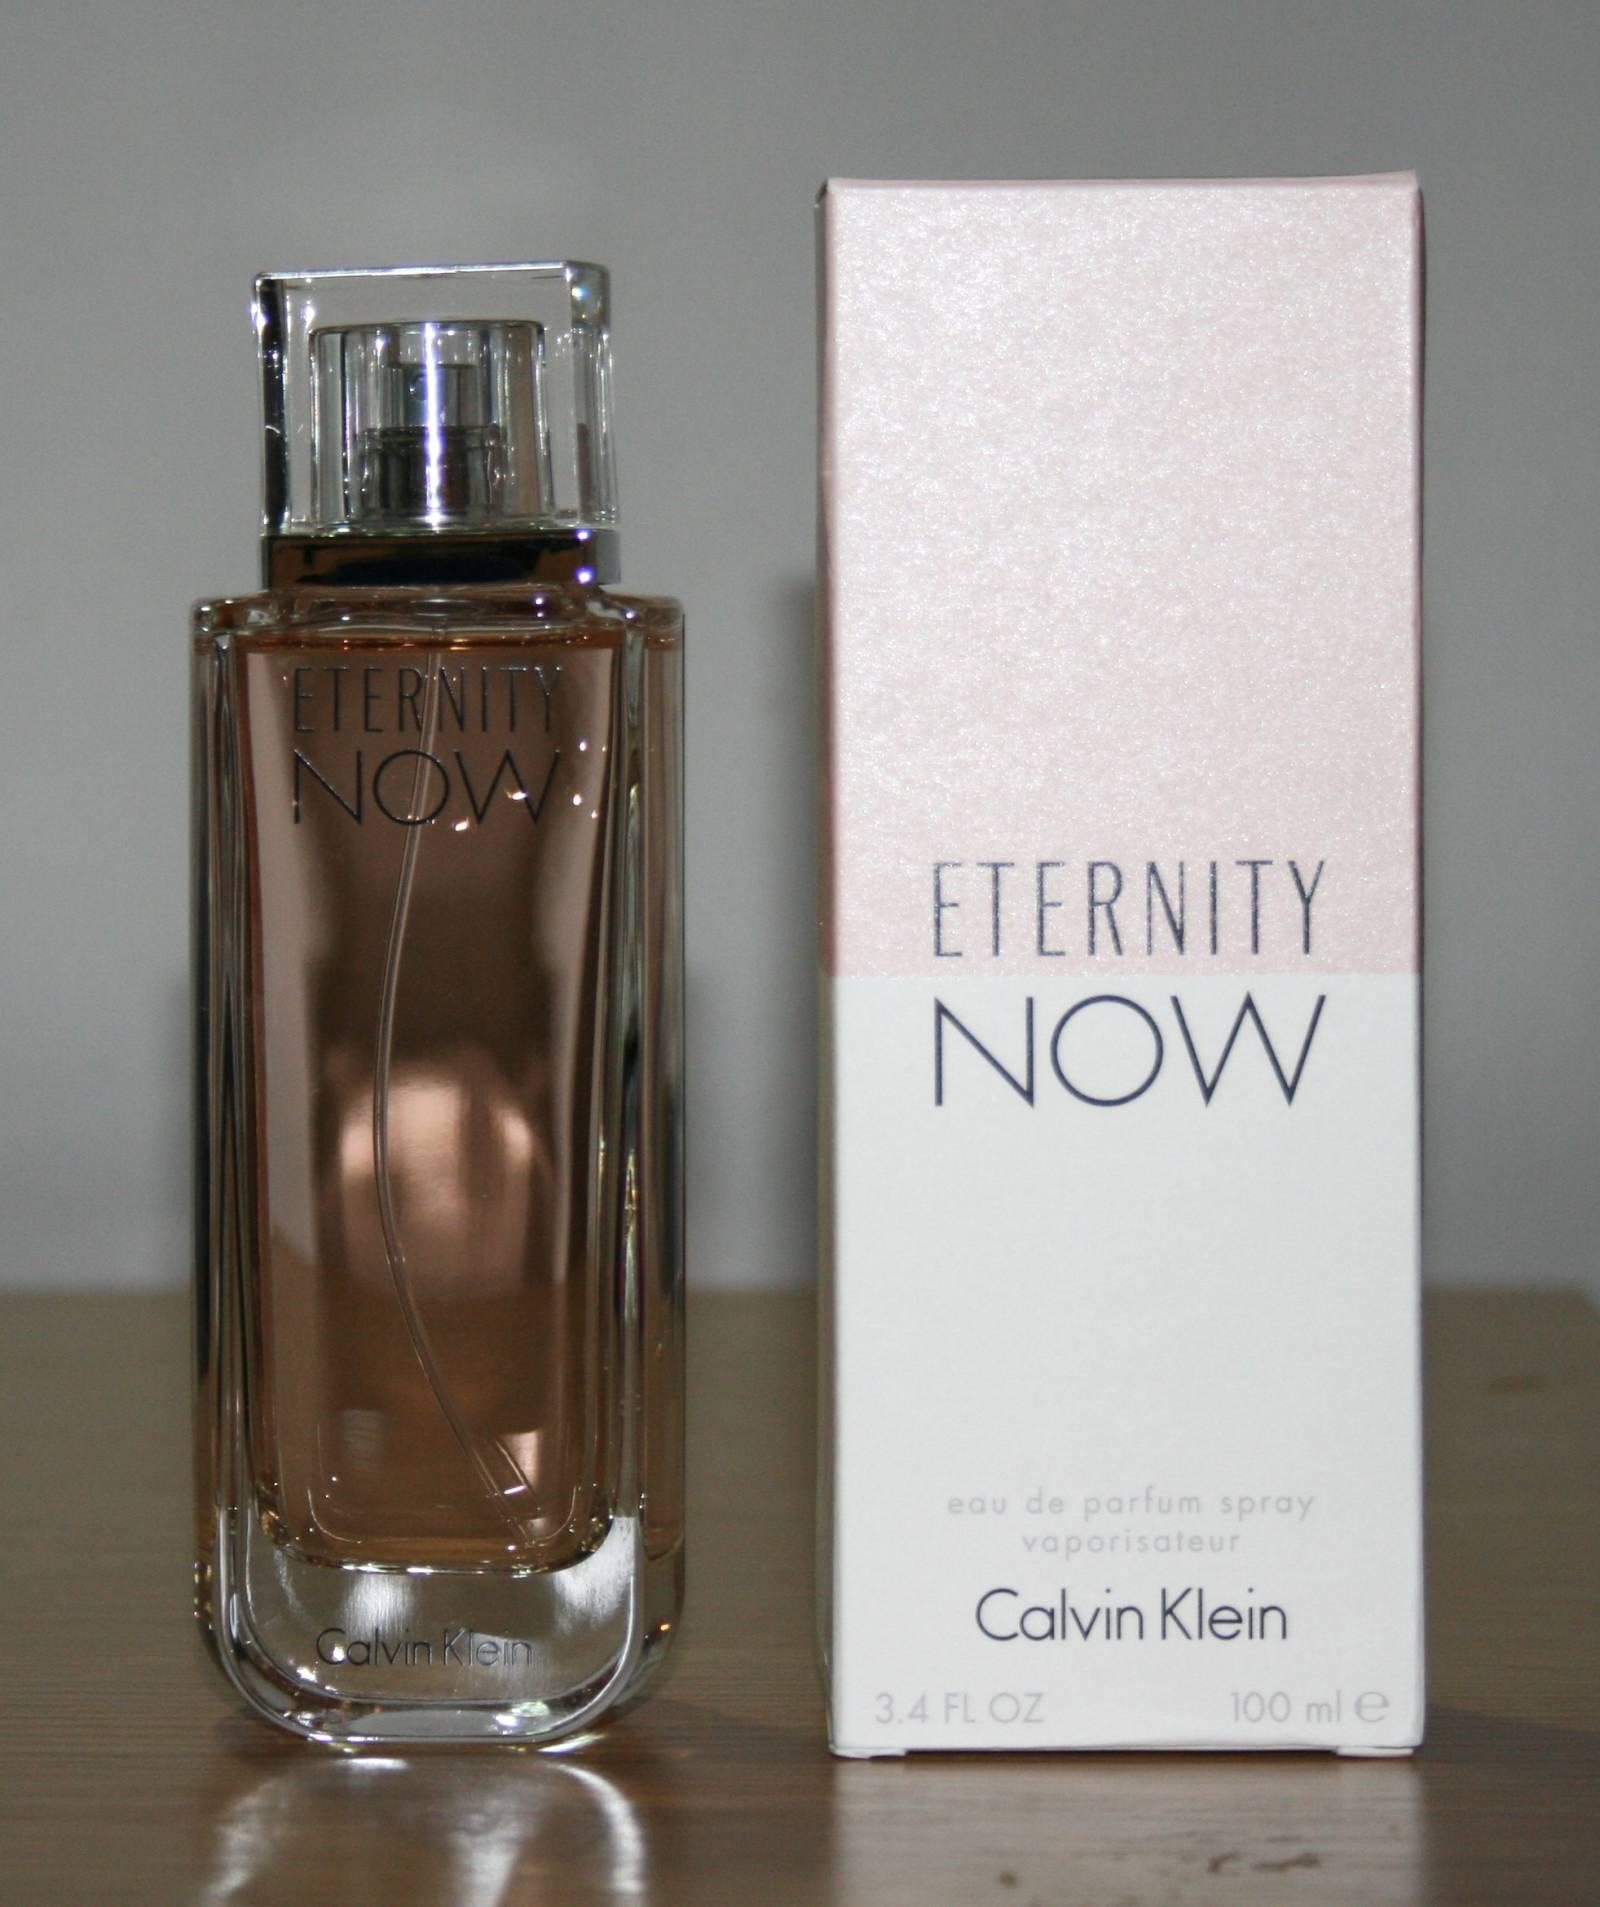 For Beauty WeekCalvin Eternity Klein Now Geek Fragrance Women CtdxosrhQB